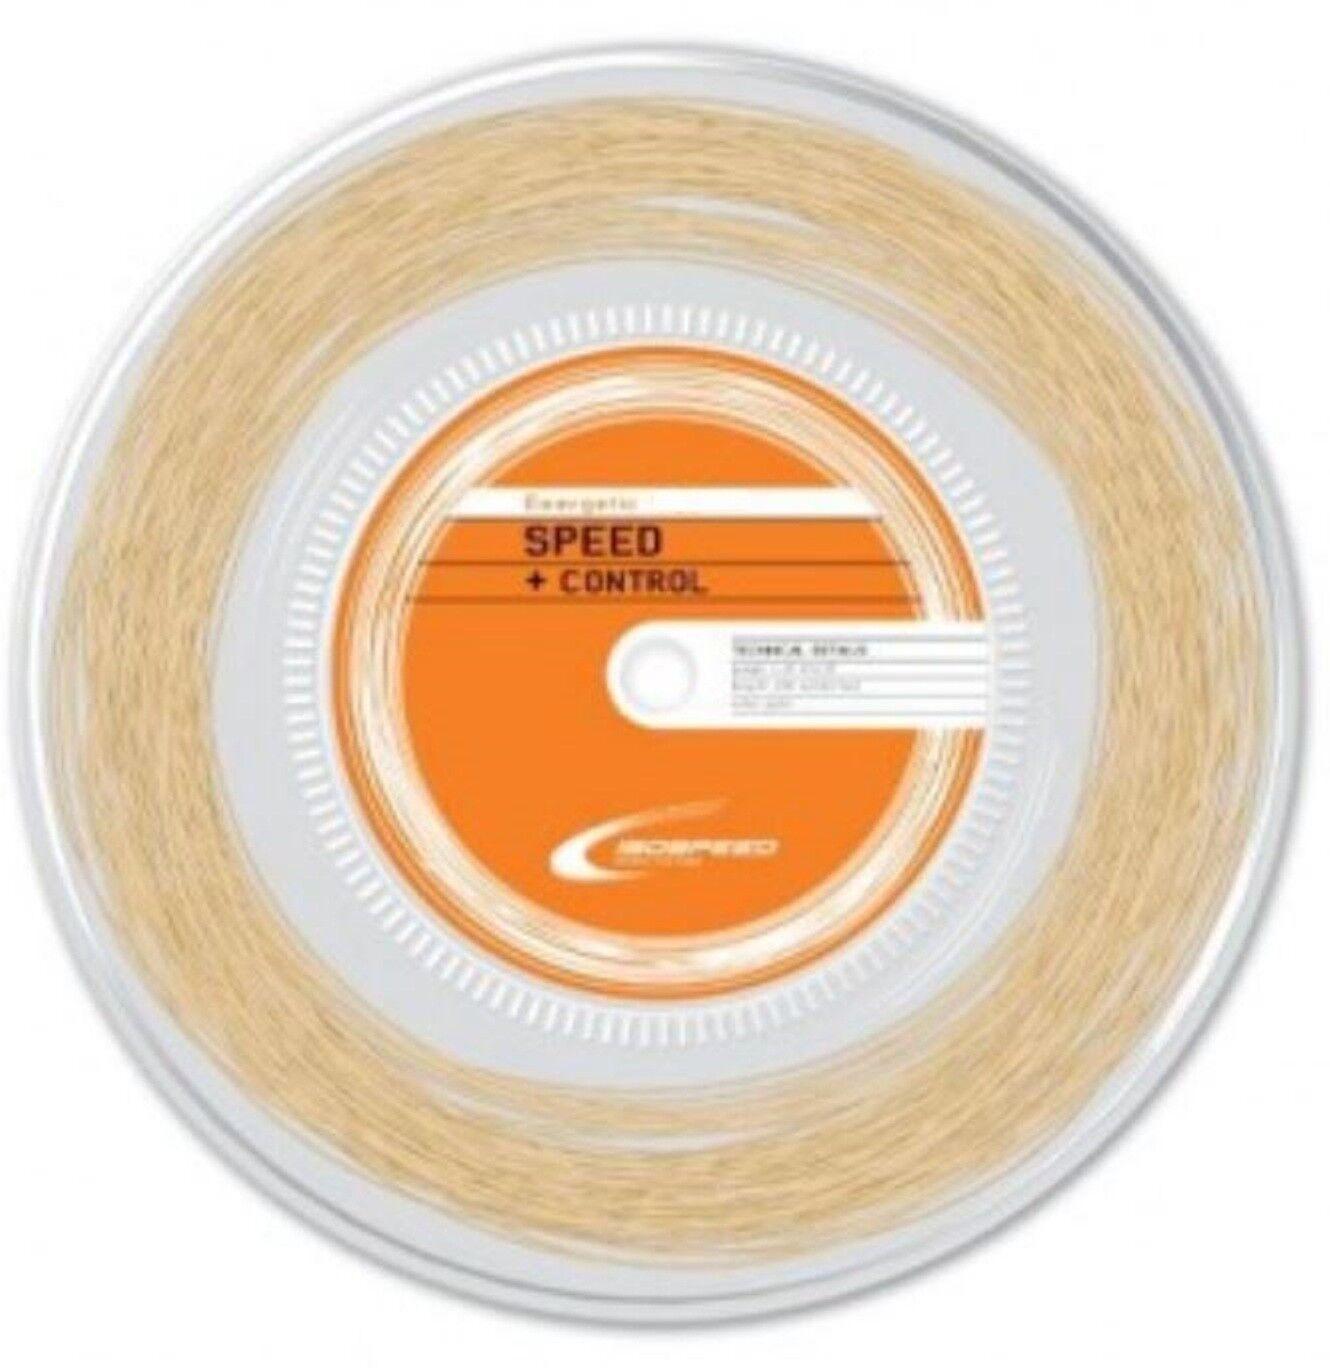 Isospeed Energetic Gold 200 m 1,30 mm tennis tennis tennis Strings 1159d2